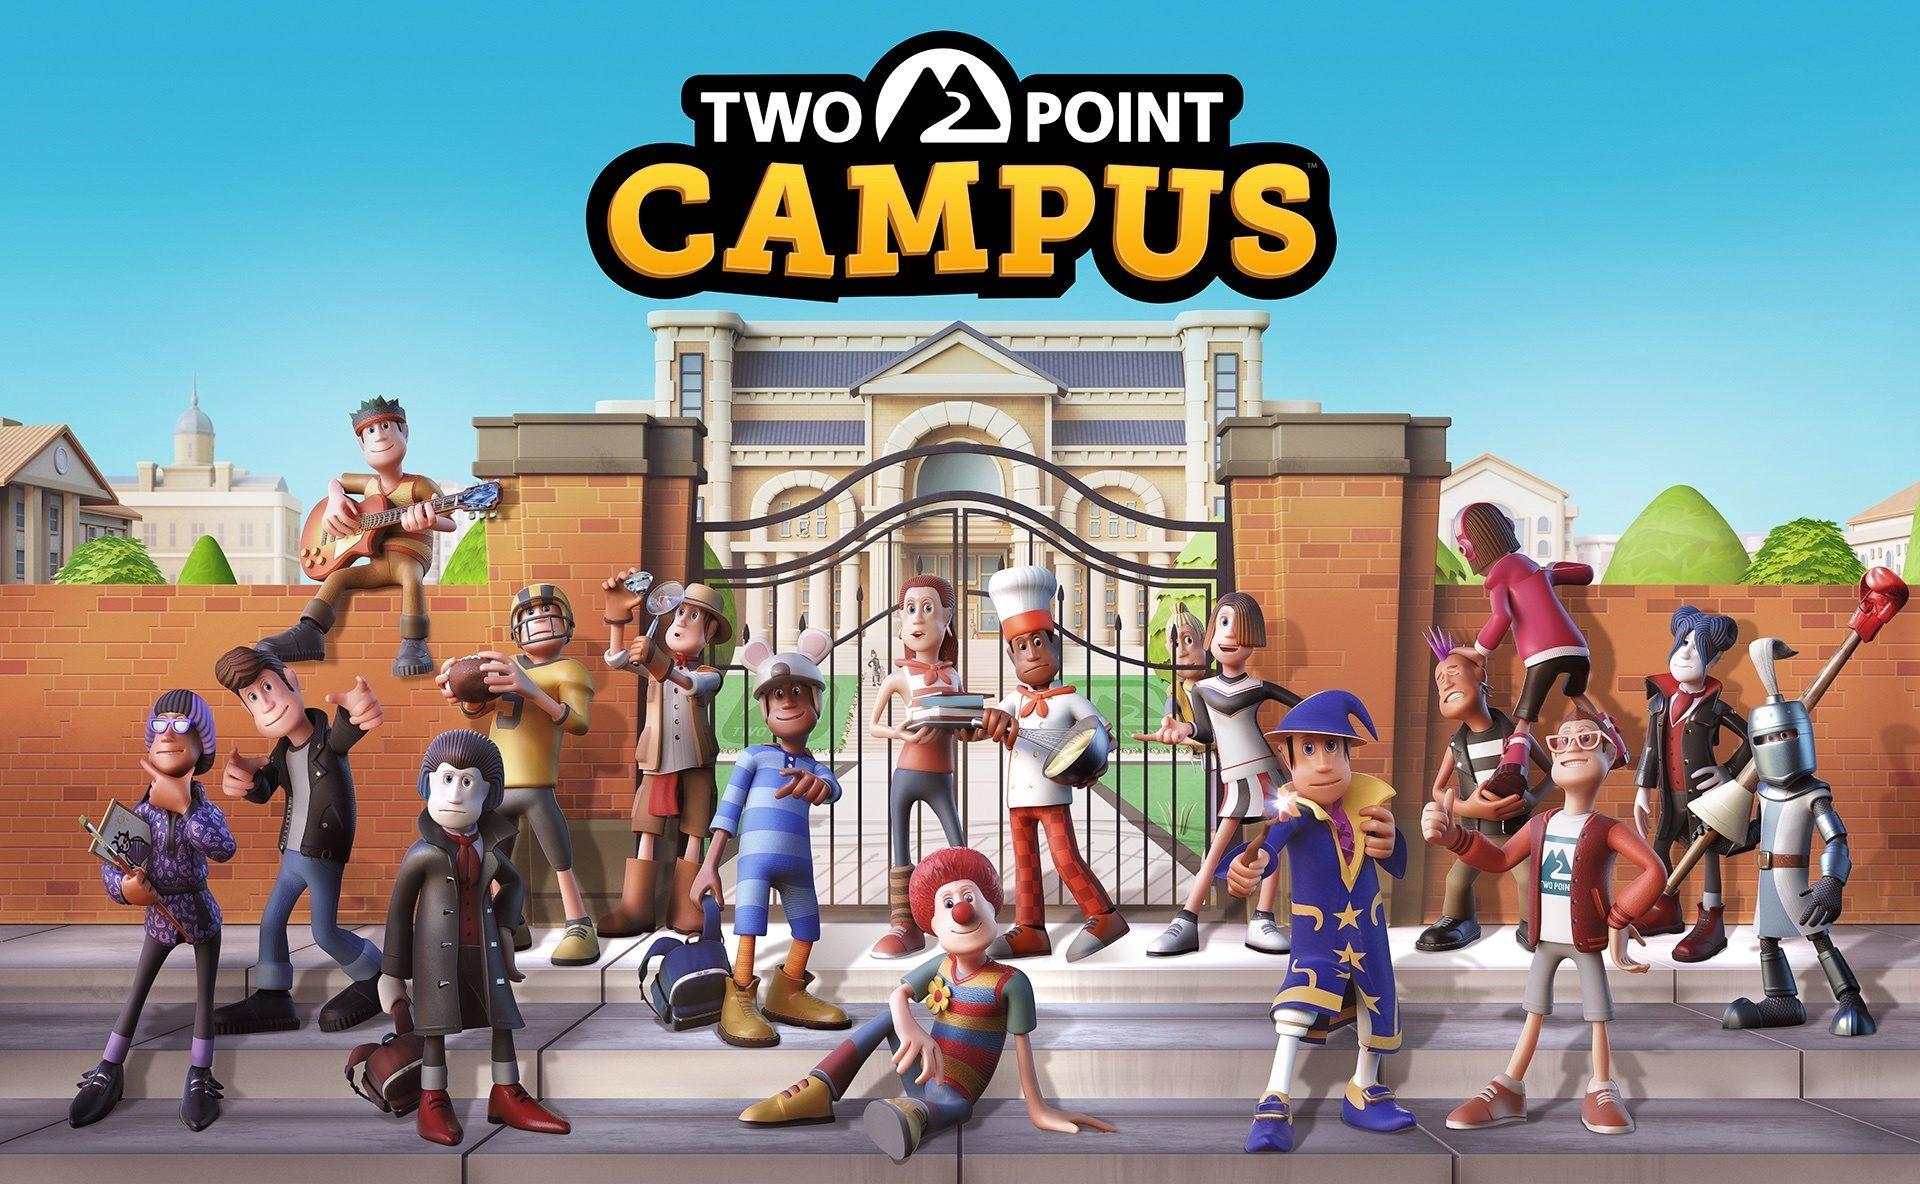 Construisez votre université comme vous l'entendez dans Two Point Campus sur PS4 et PS5